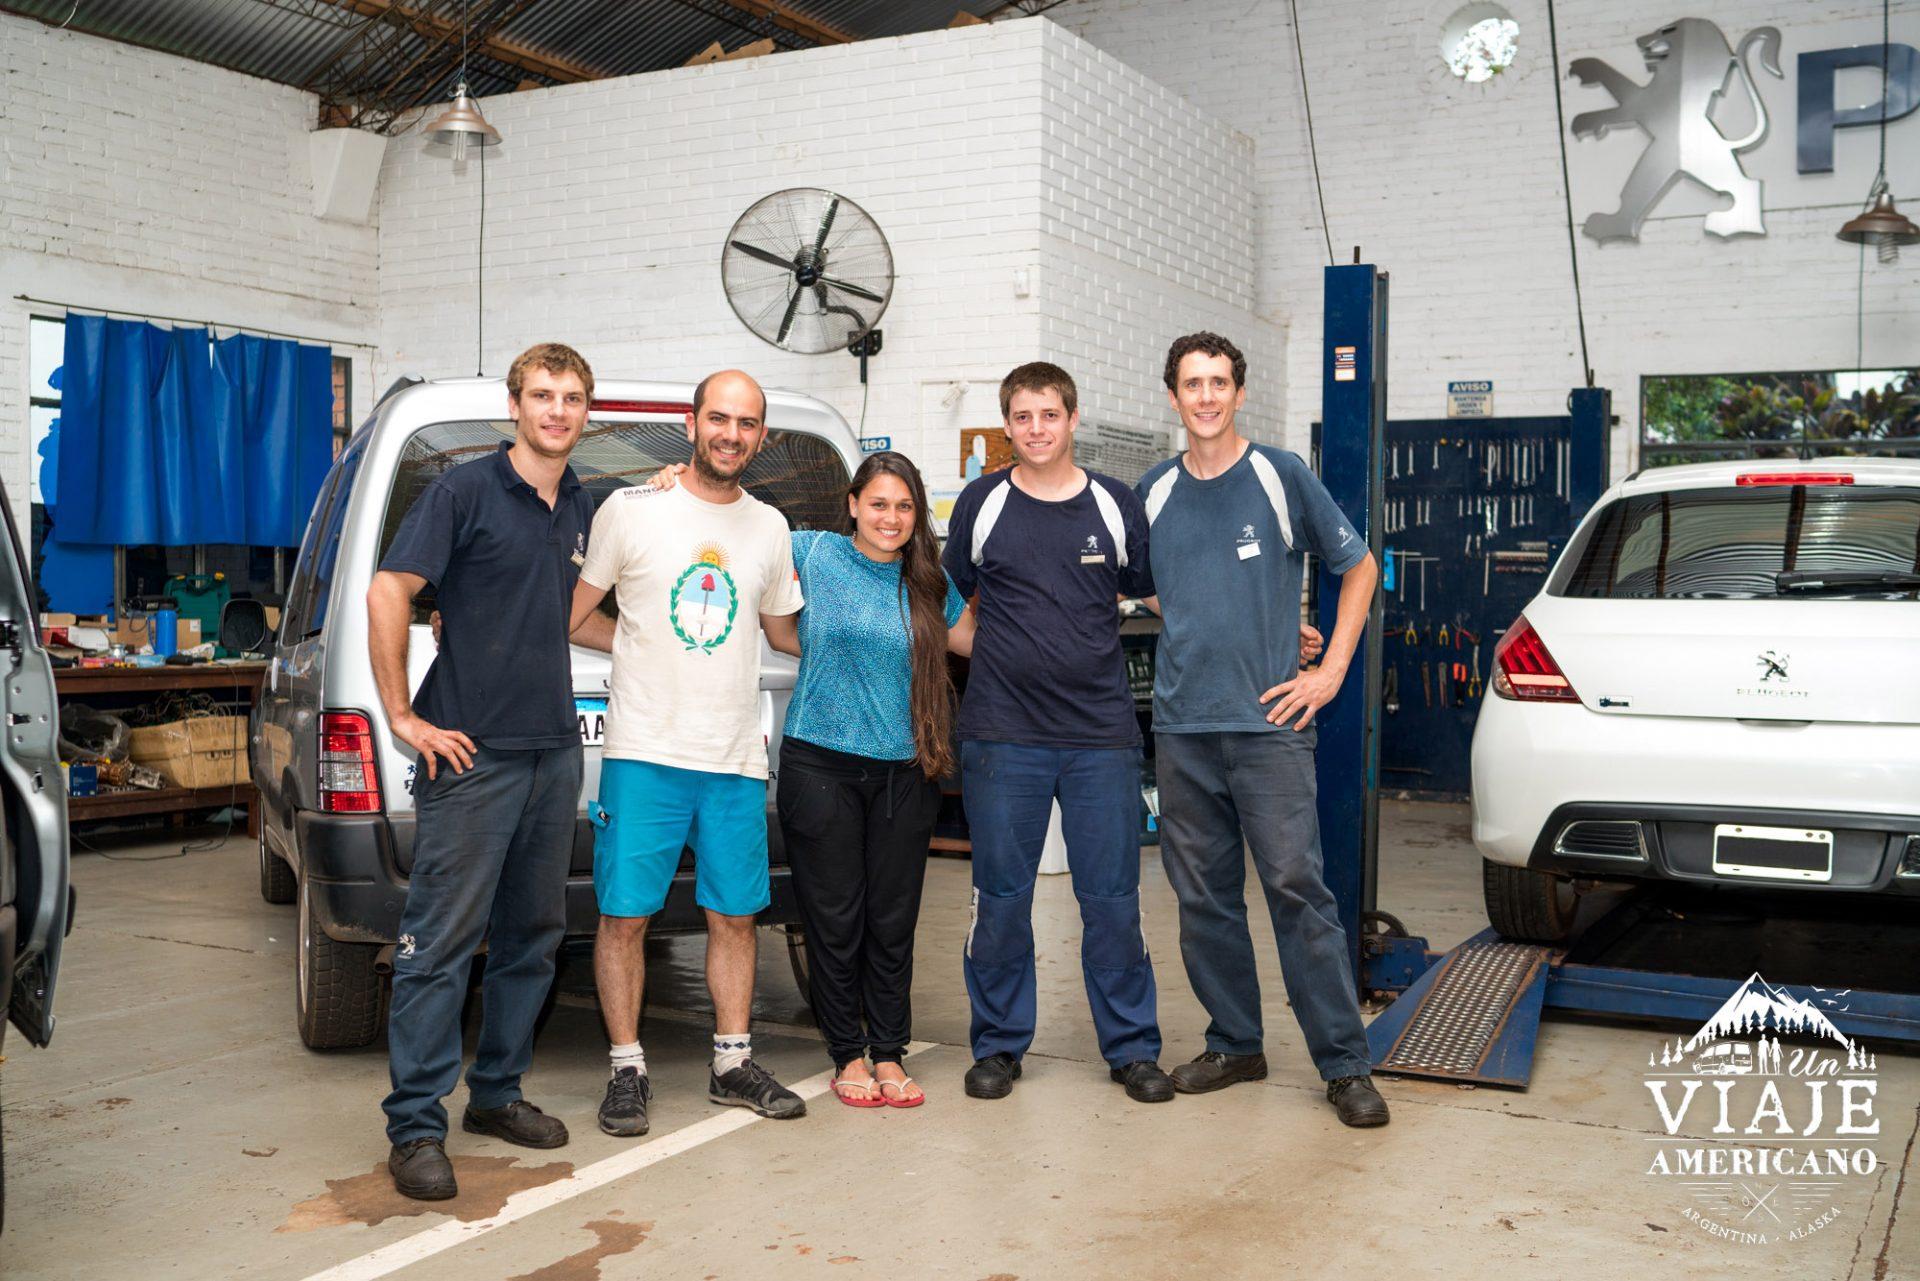 Sonriendo junto al equipo de Mecánicos de Seewald y Cia de Puerto Rico, Misiones.